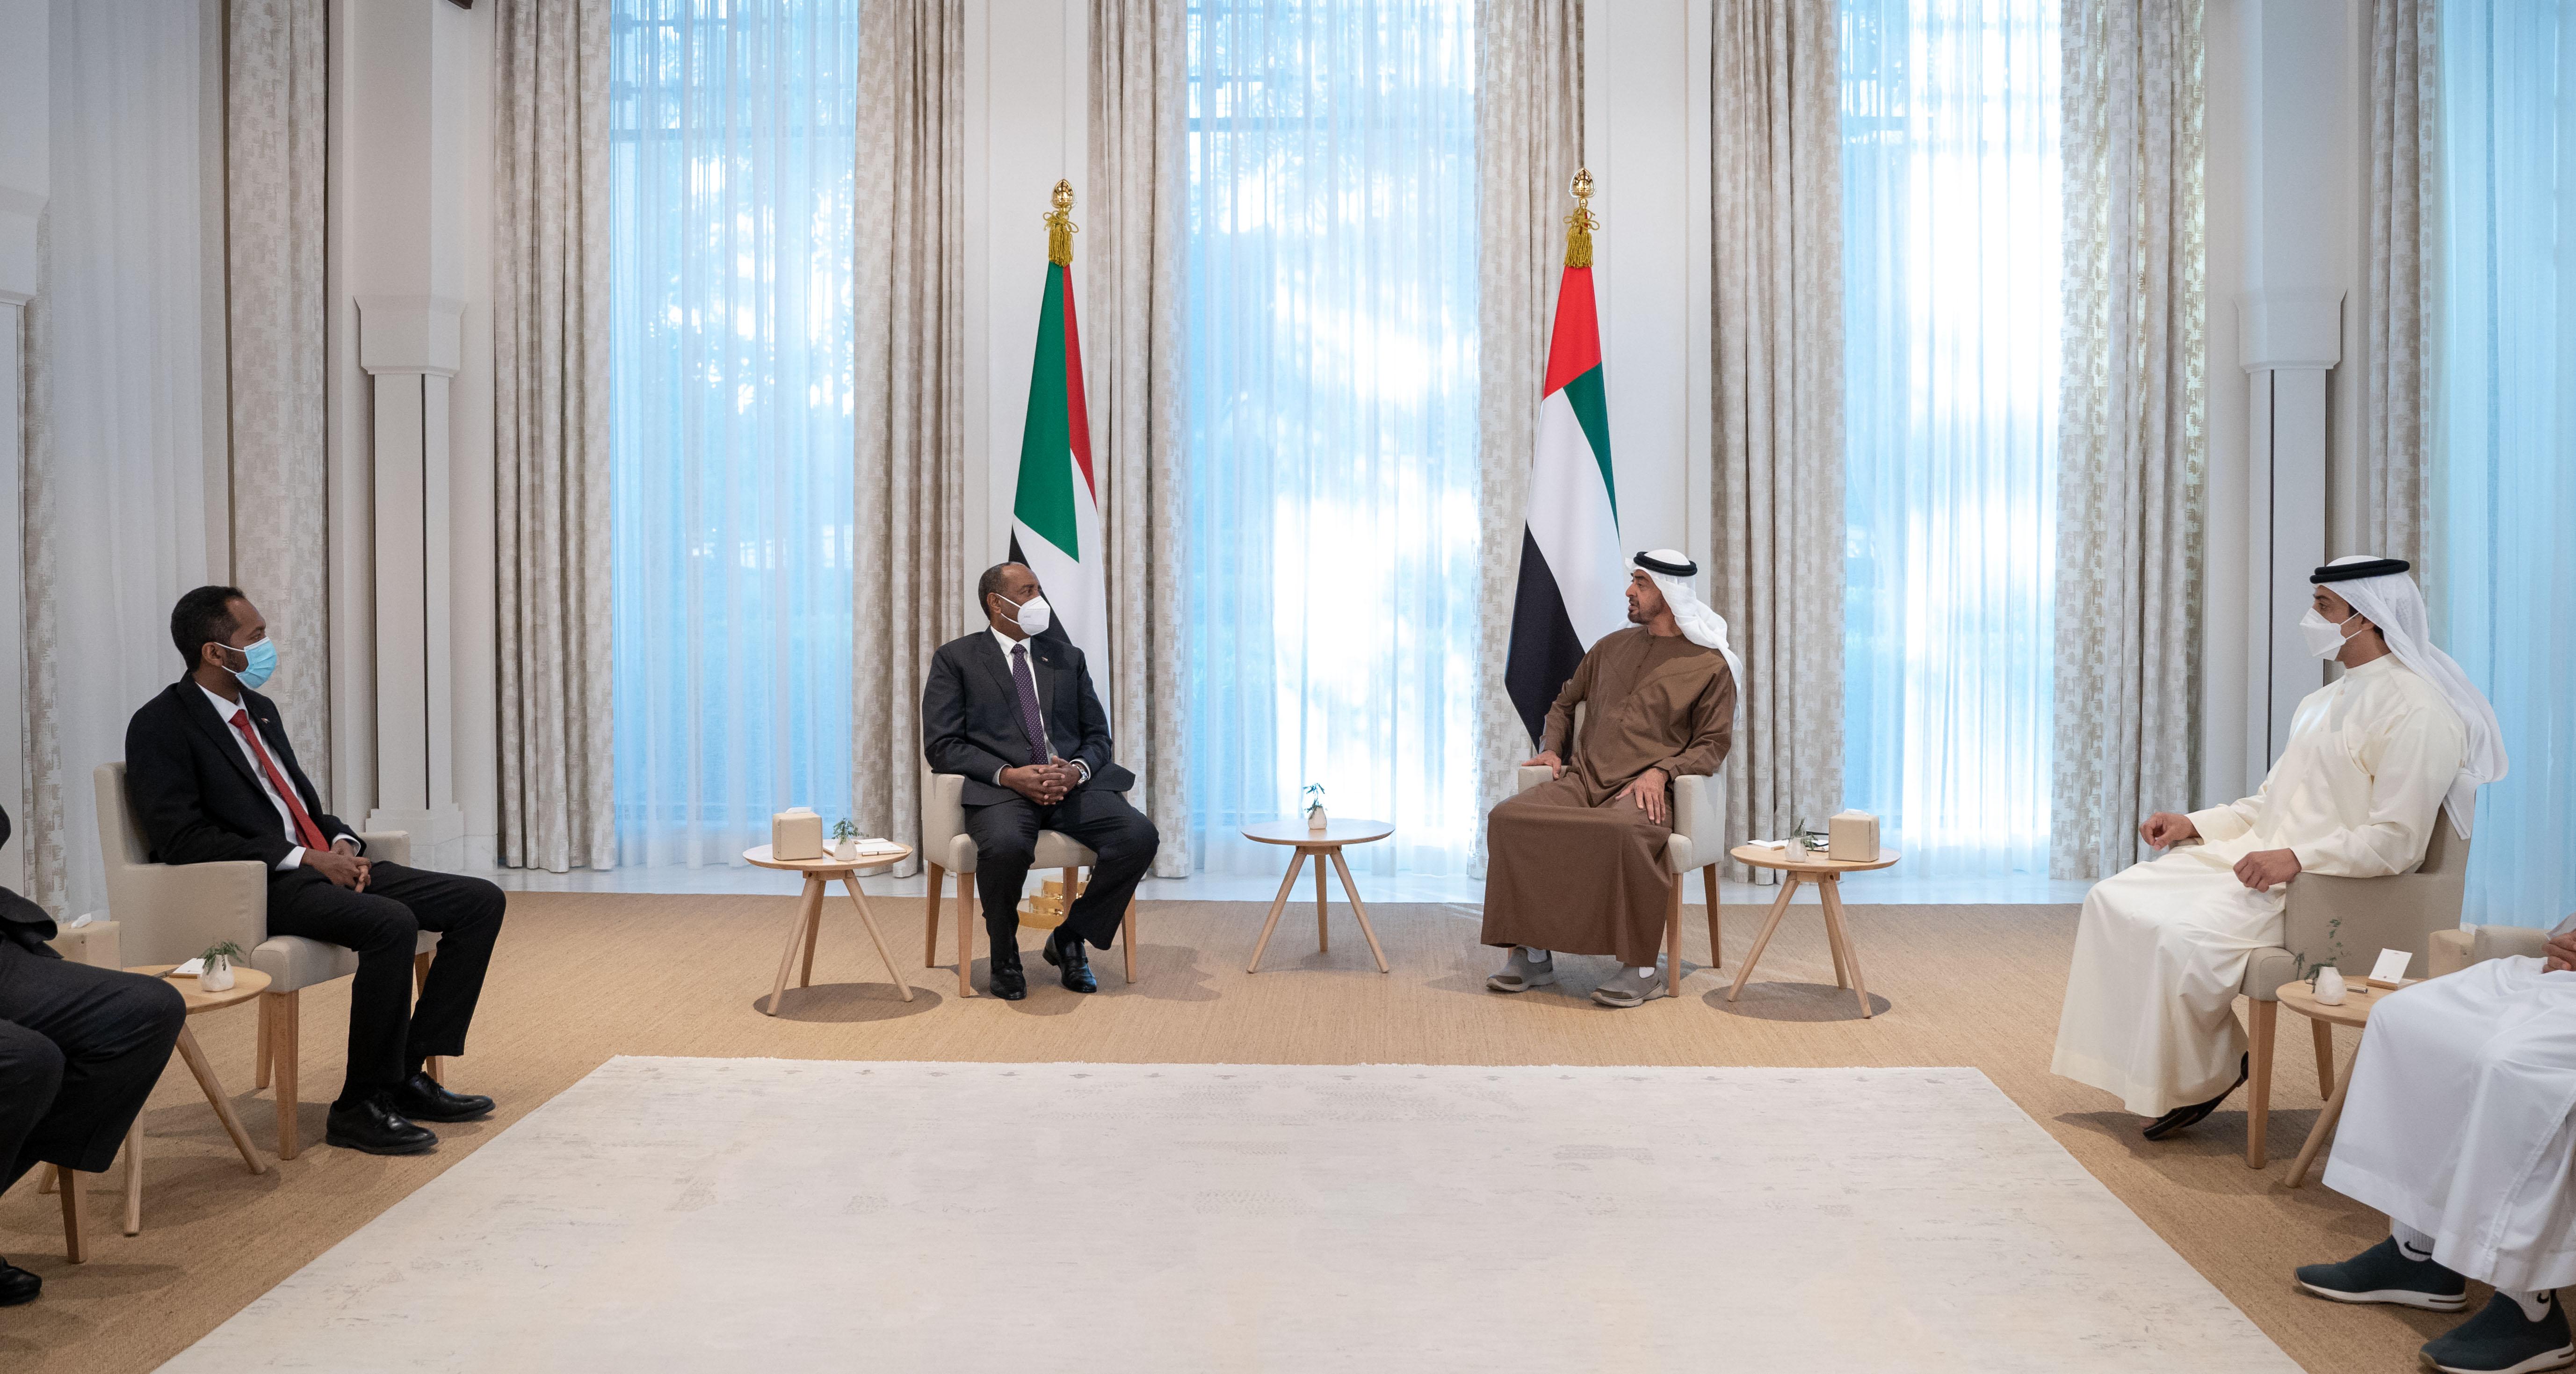 محمد بن زايد يستقبل رئيس مجلس السيادة في السودان